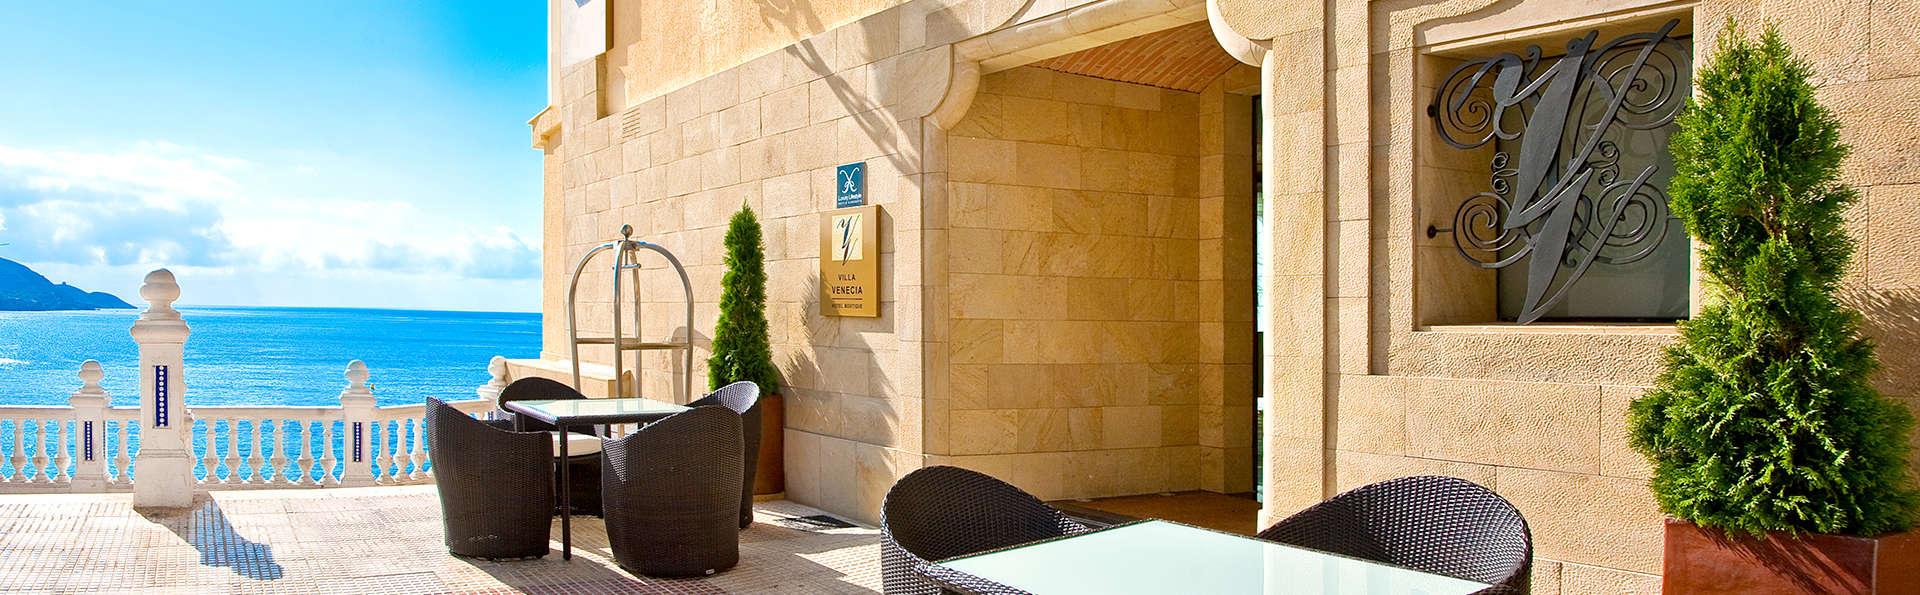 Hotel Villa Venecia Boutique & Gourmet - Edit_Entrance.jpg